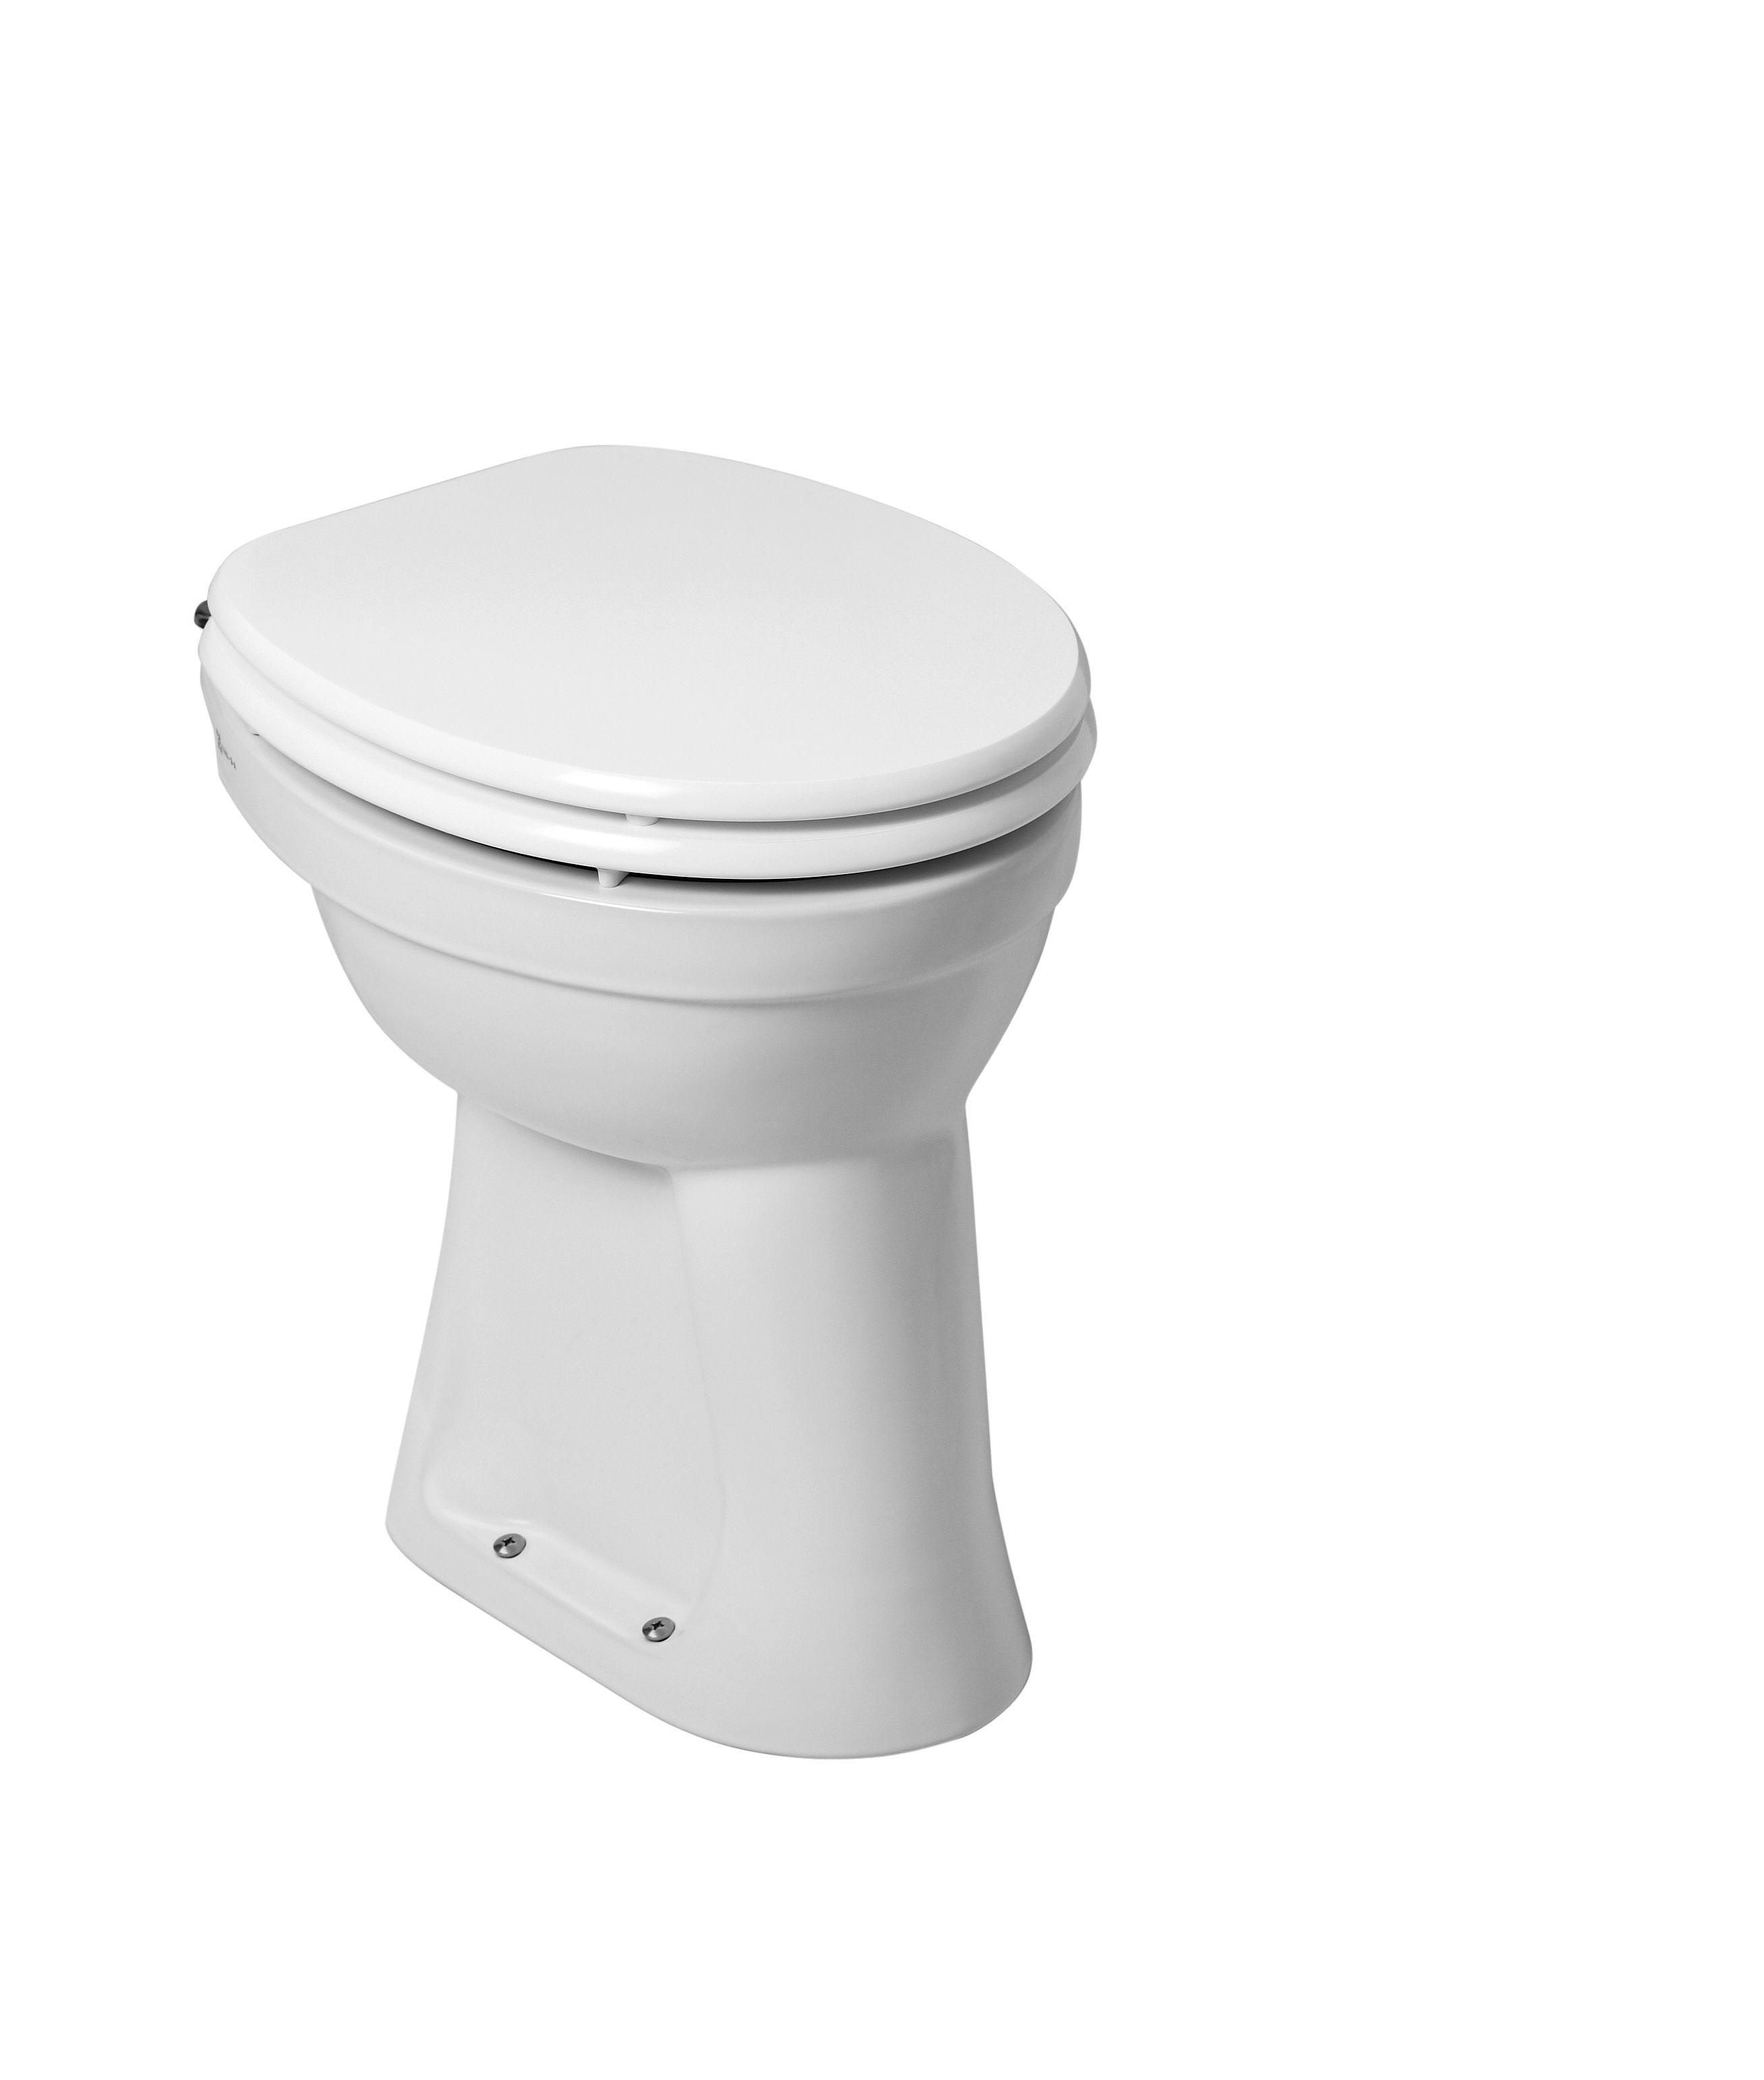 Mueller Staande verhoogde toiletpot +6 AO wit